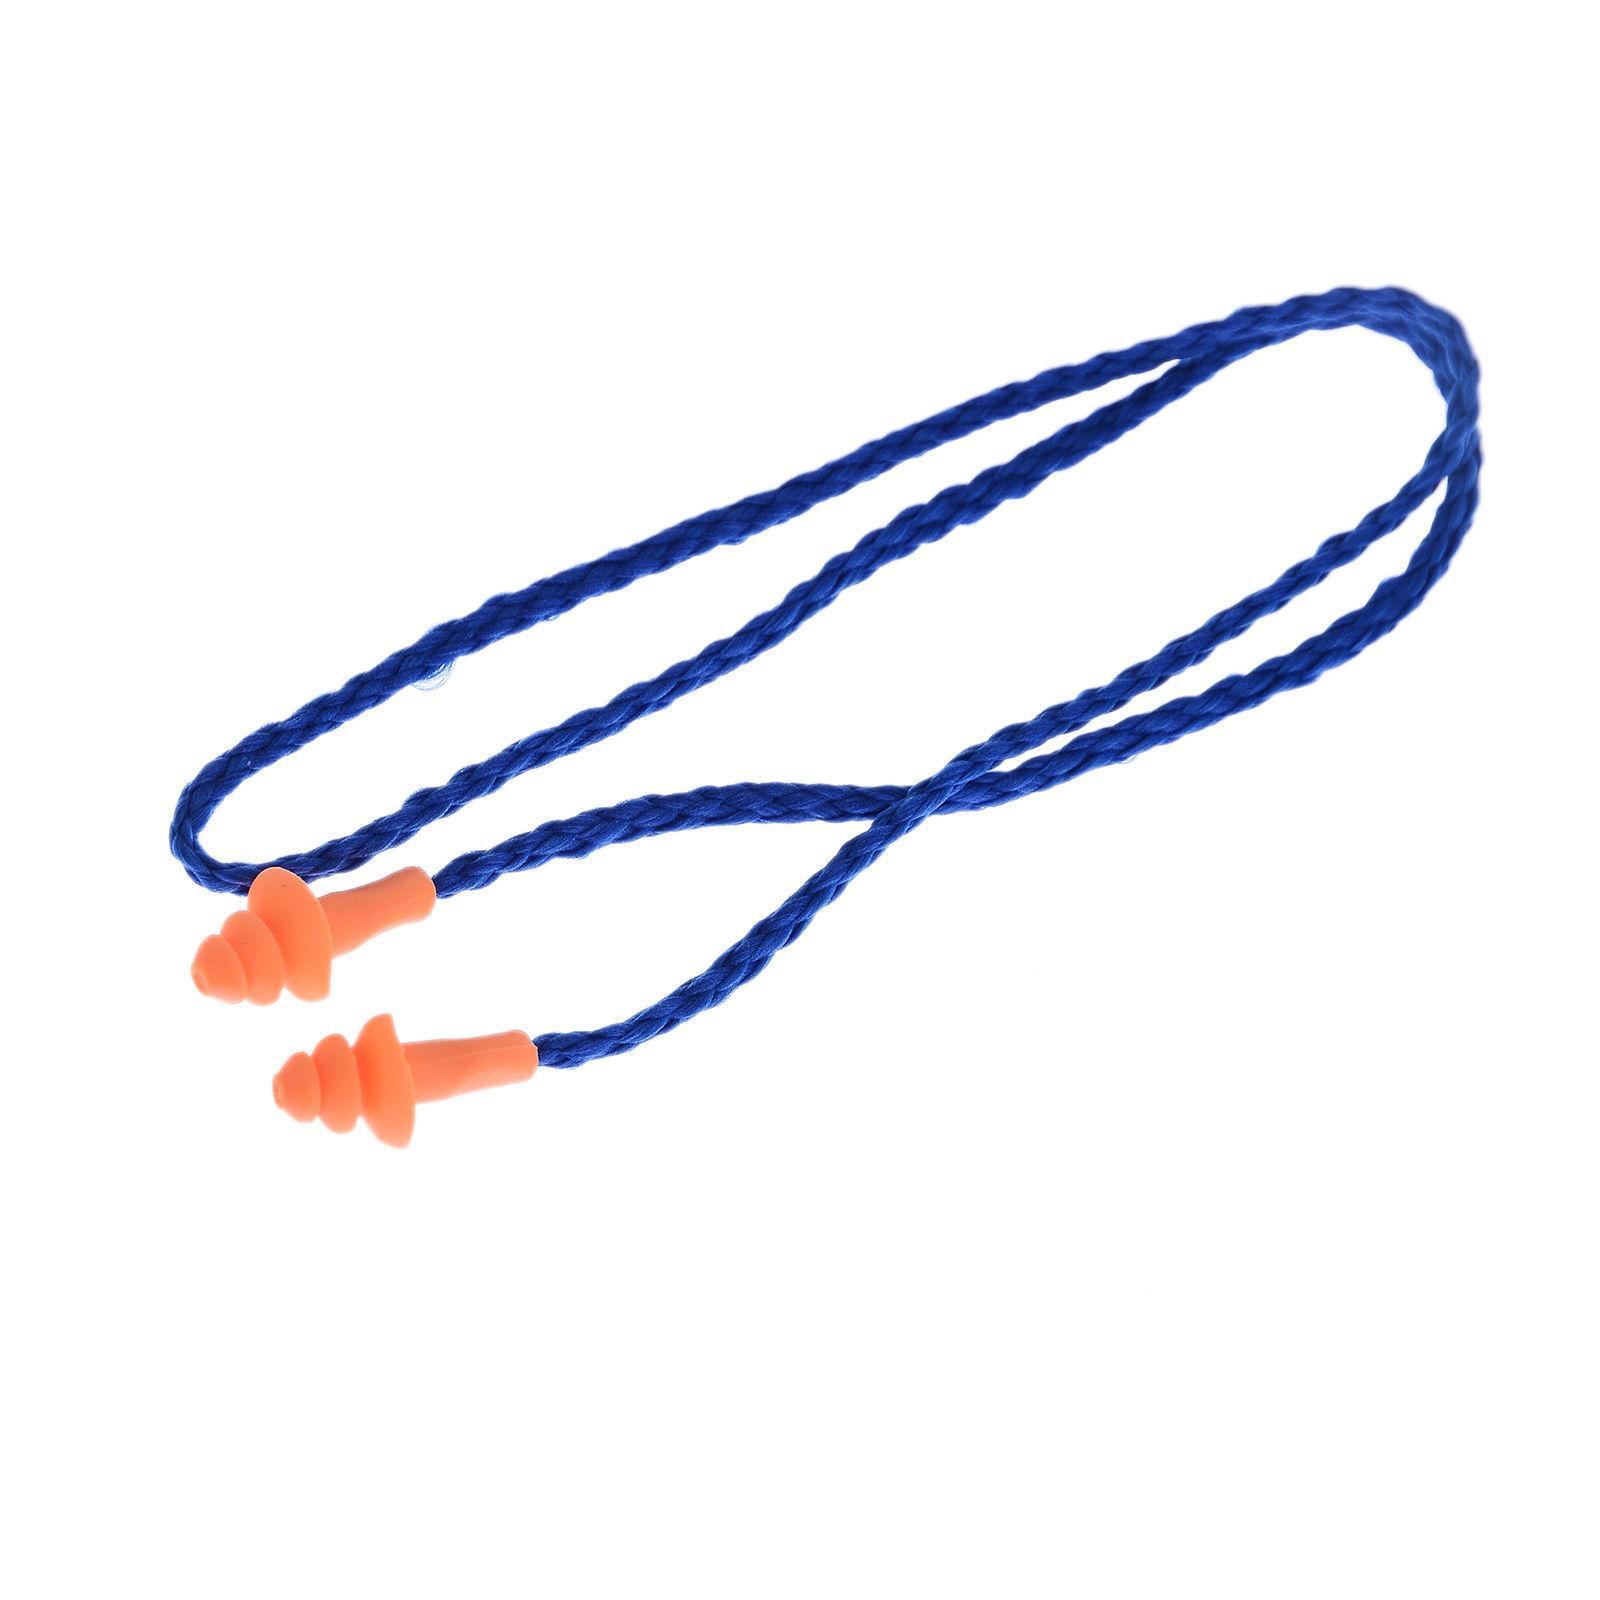 50Pcs Corded Ear Reusable Protection Earplugs